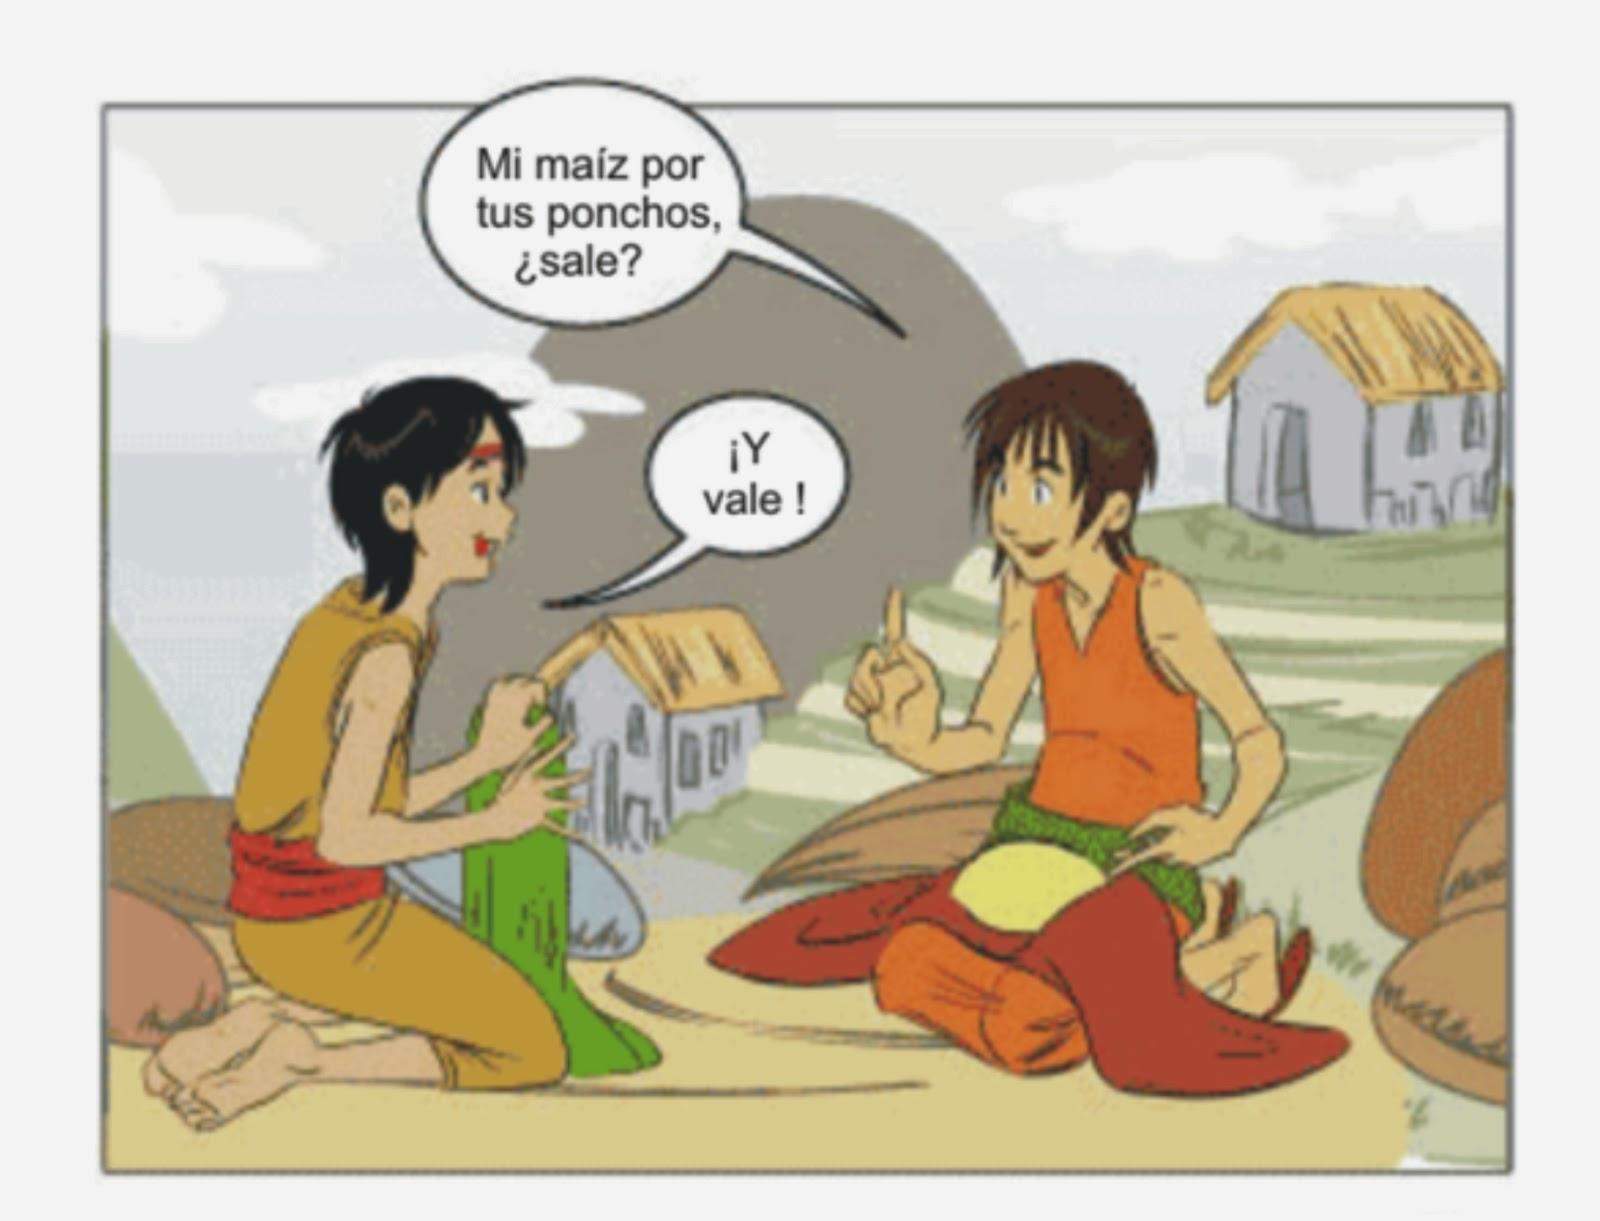 educacion incaica peru: